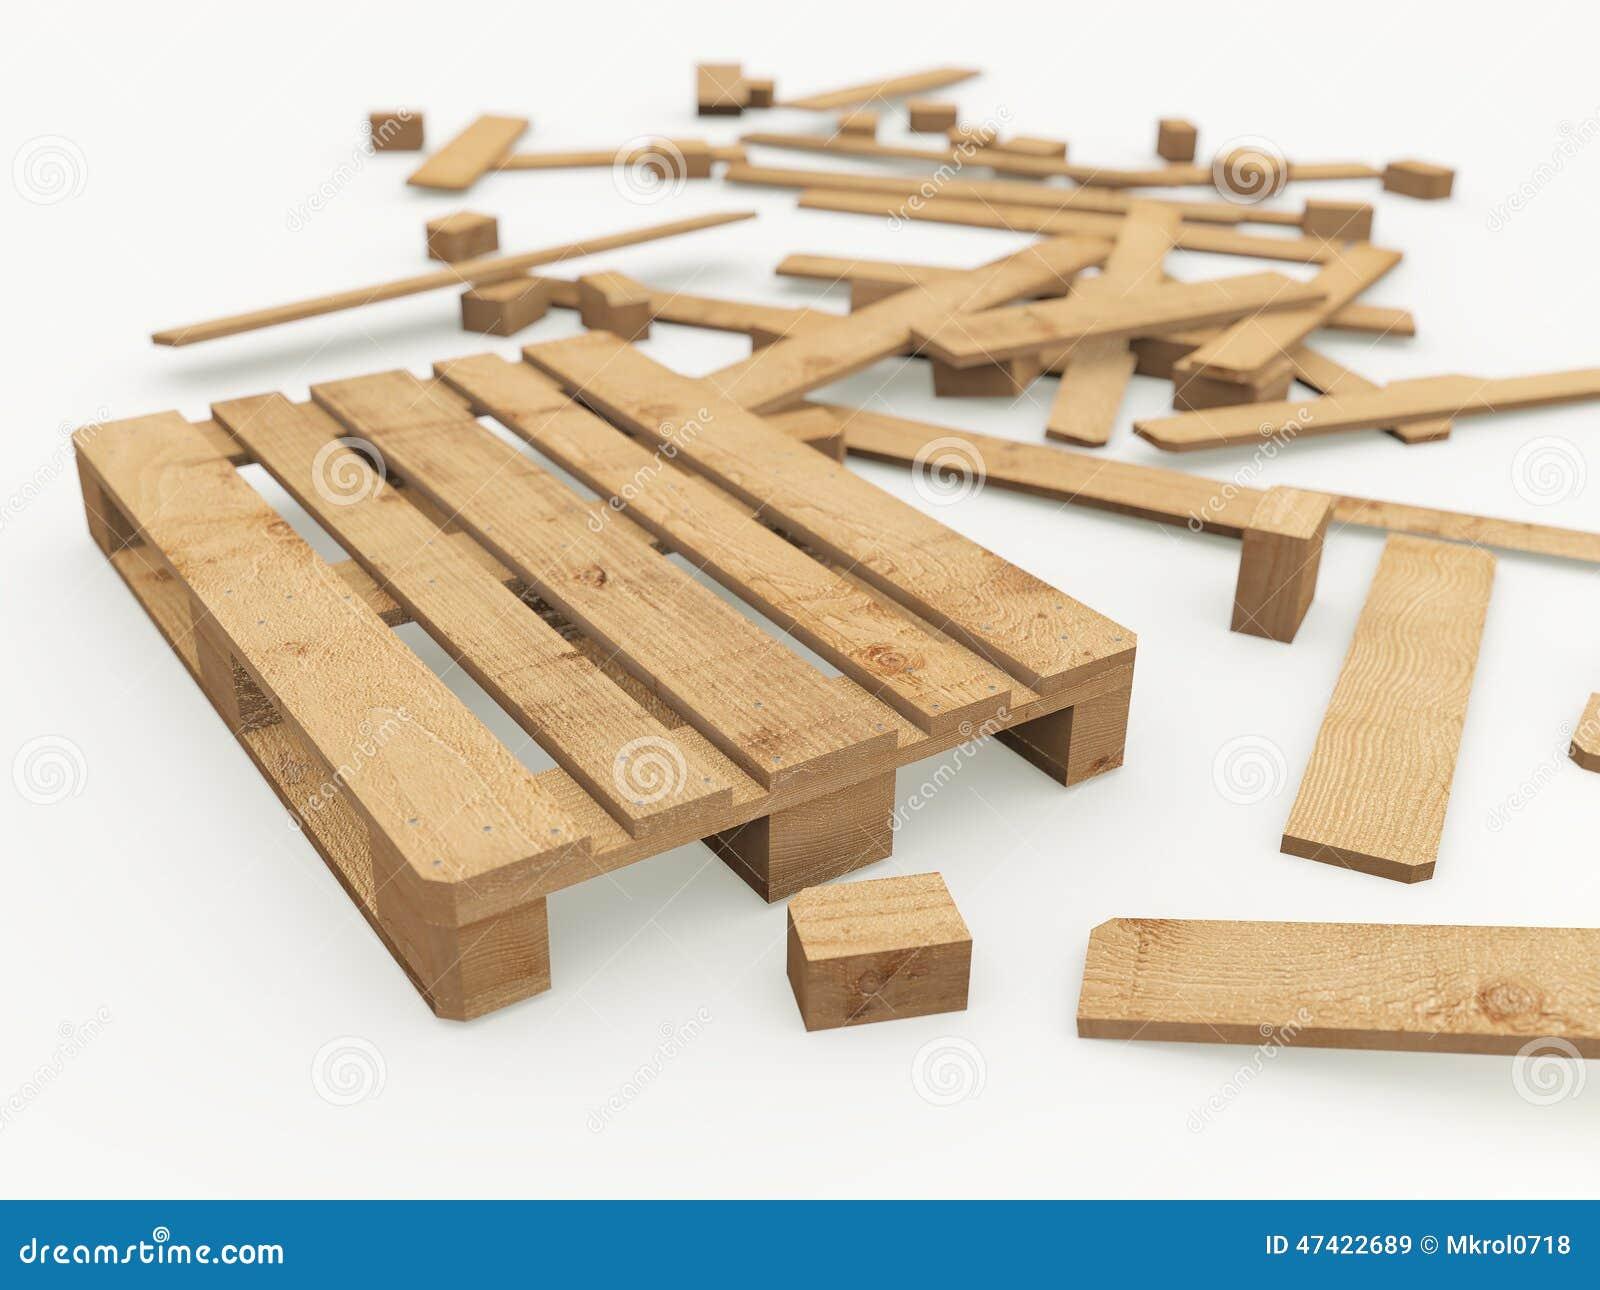 Palette en bois et ses panneaux de construction - Construction avec des palettes en bois ...